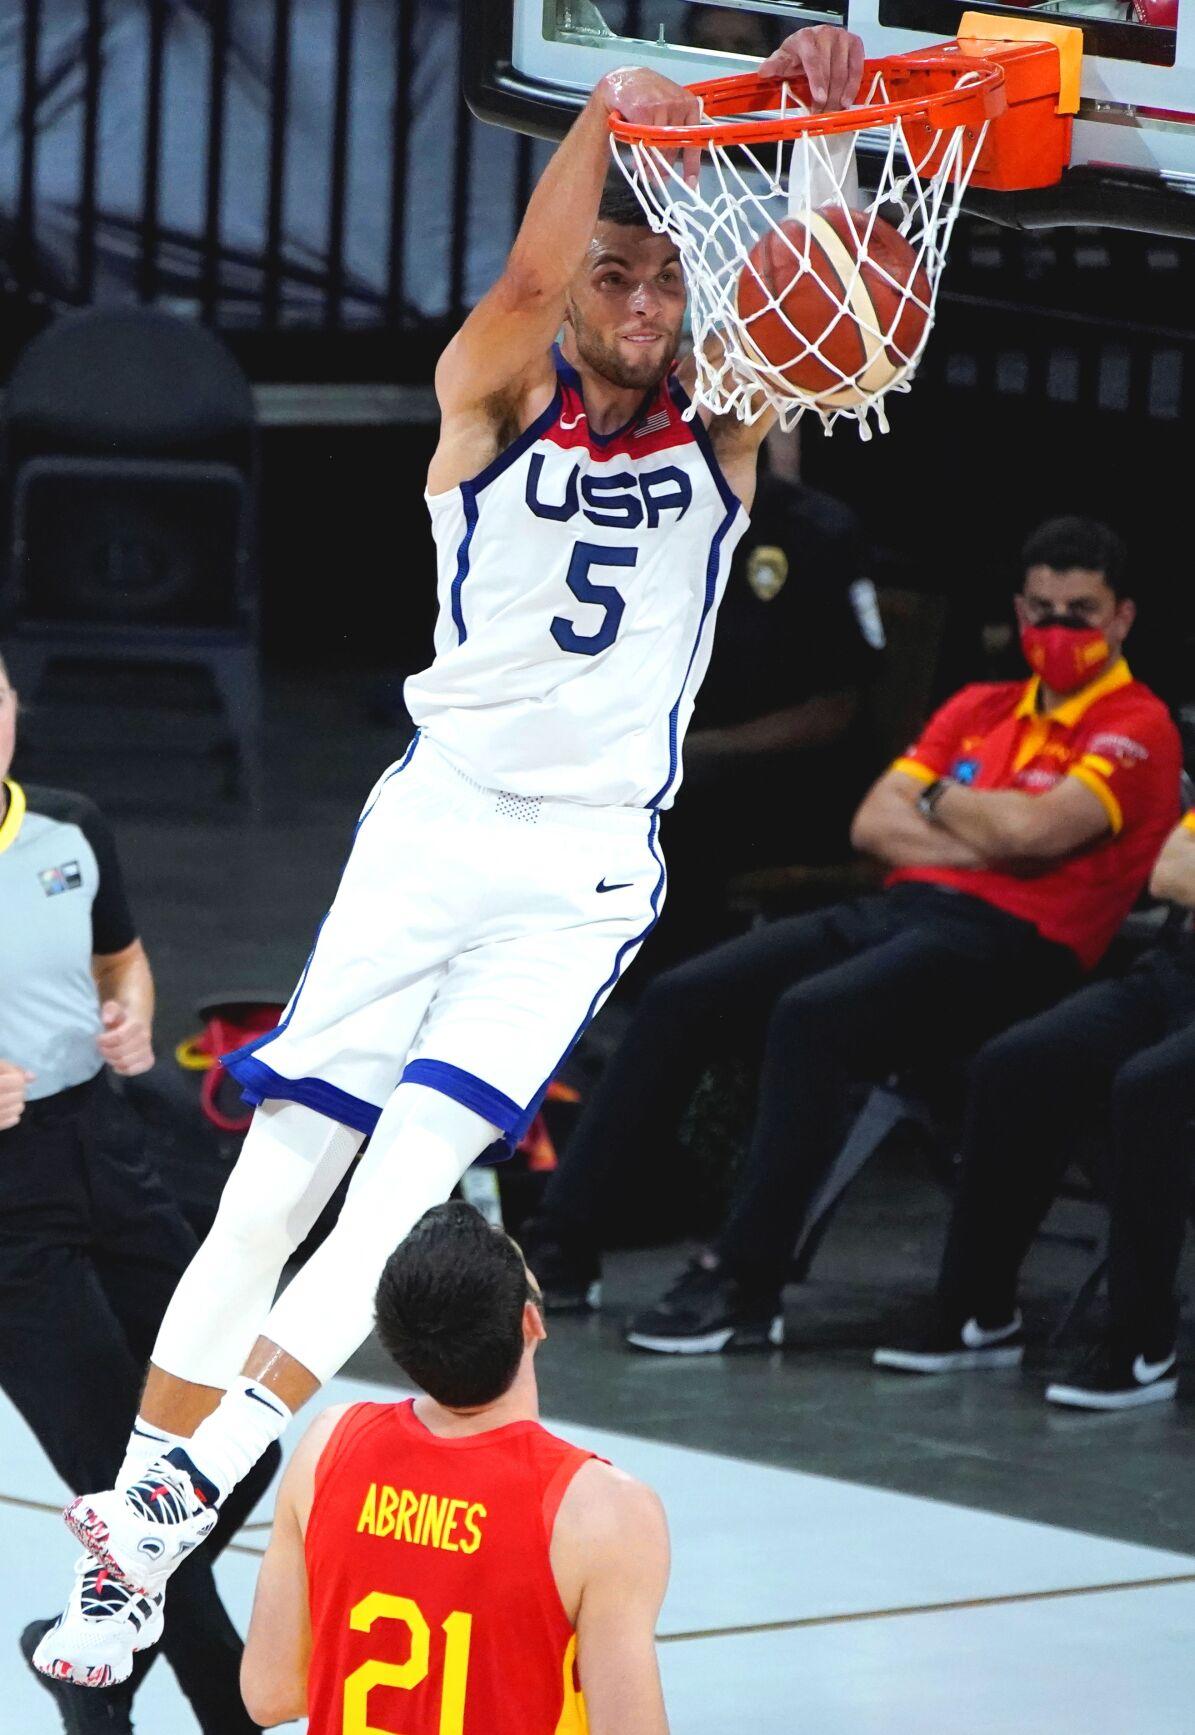 USA Basketball 1